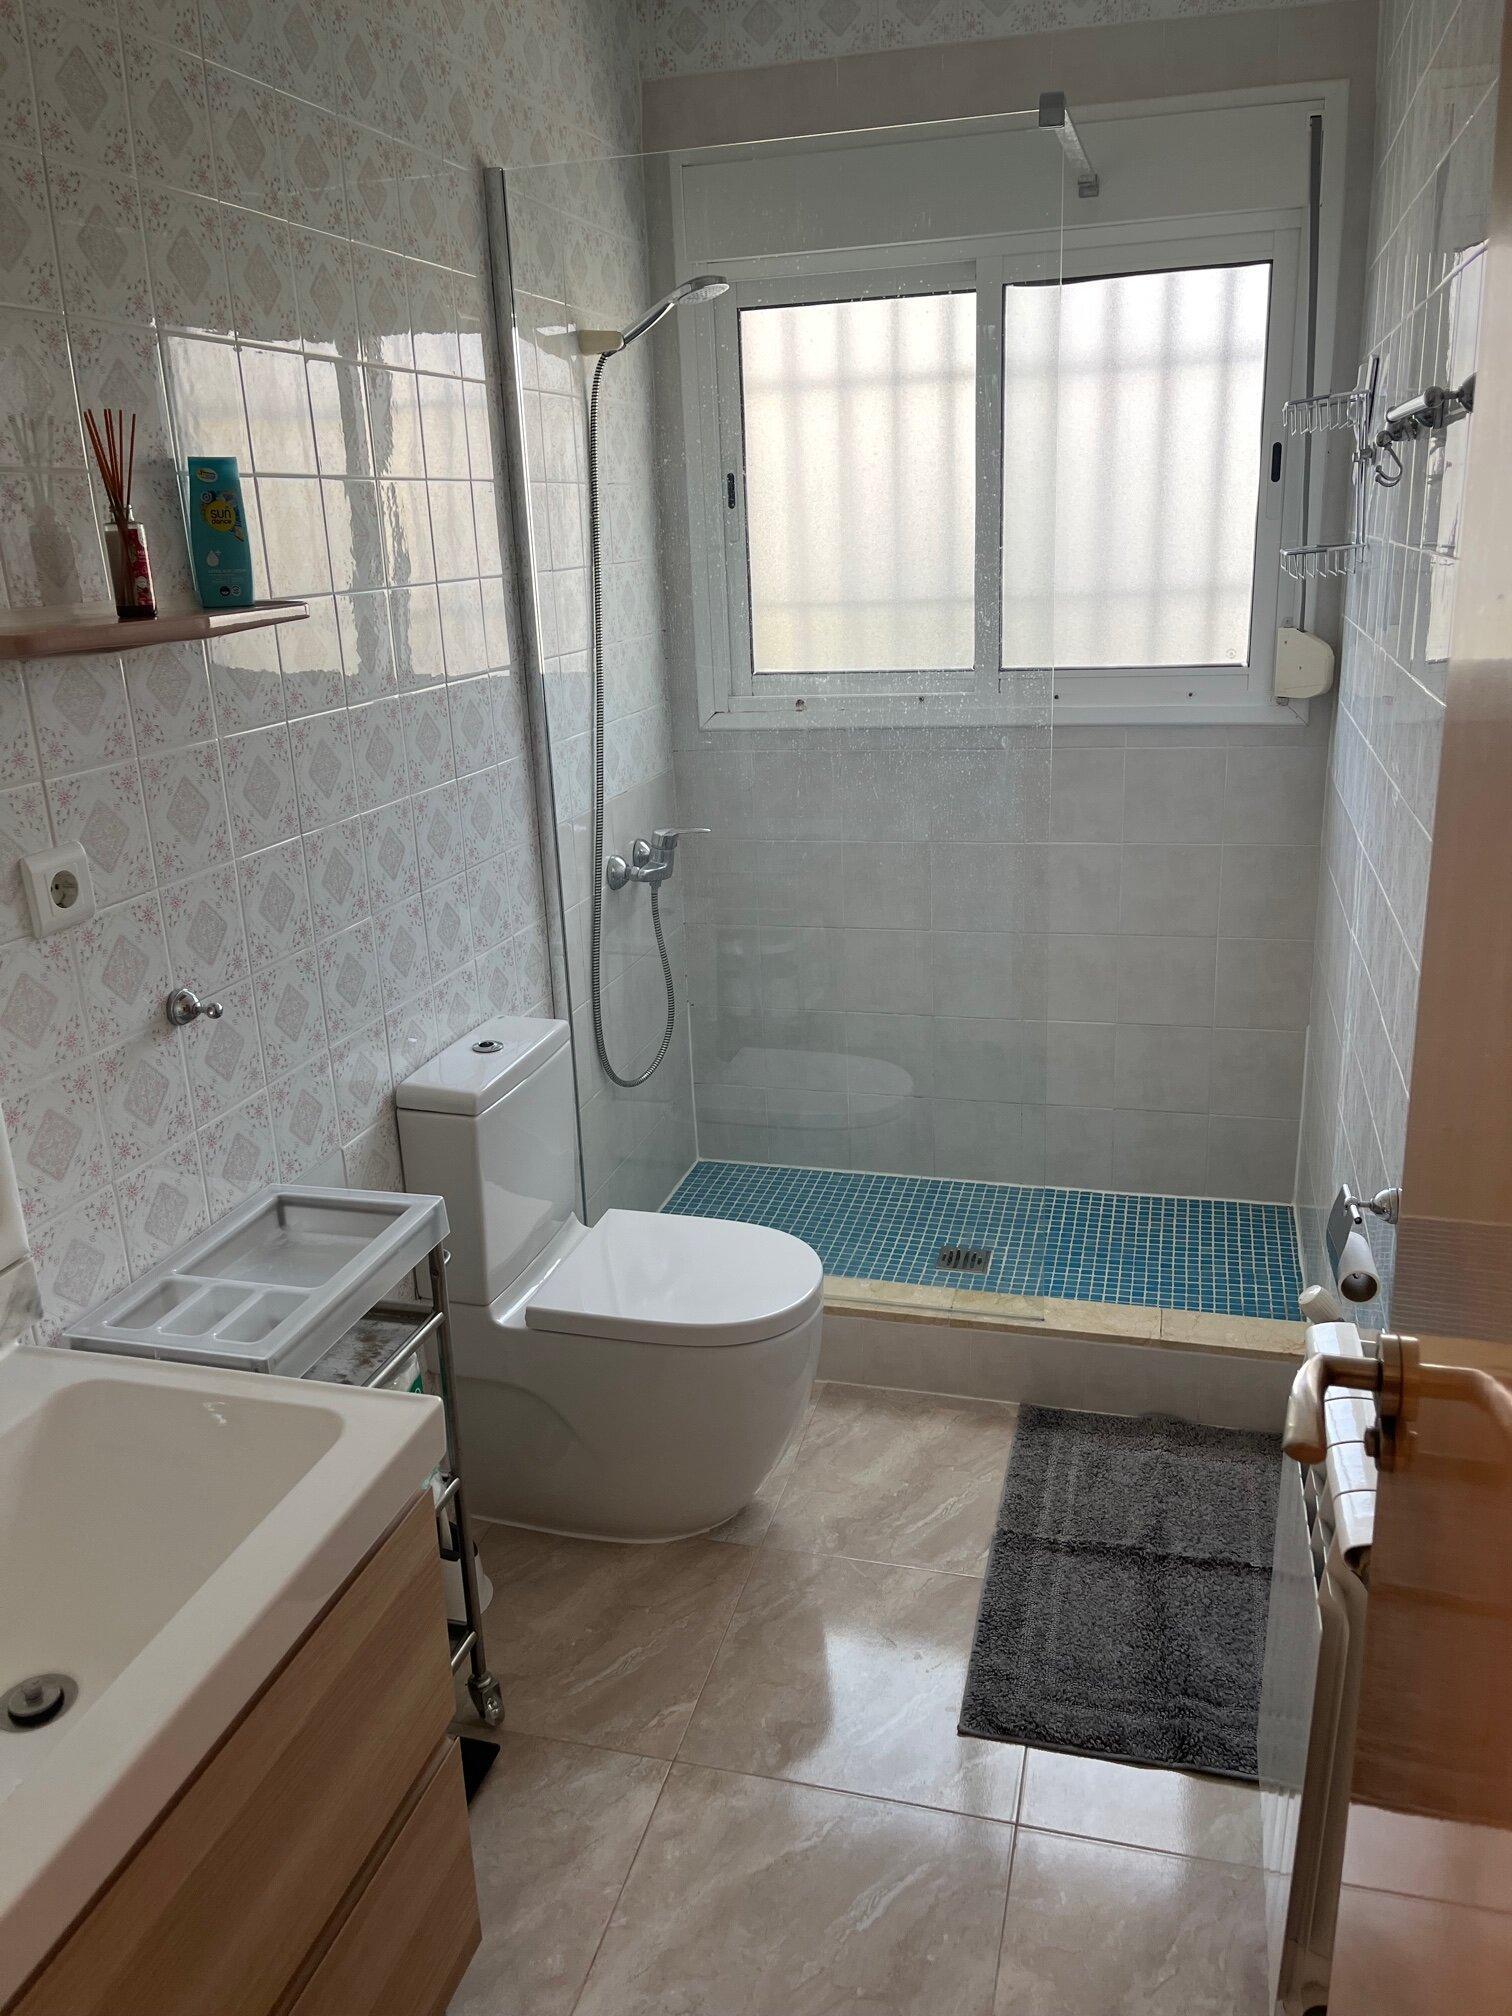 Bad mit WC und Dusche